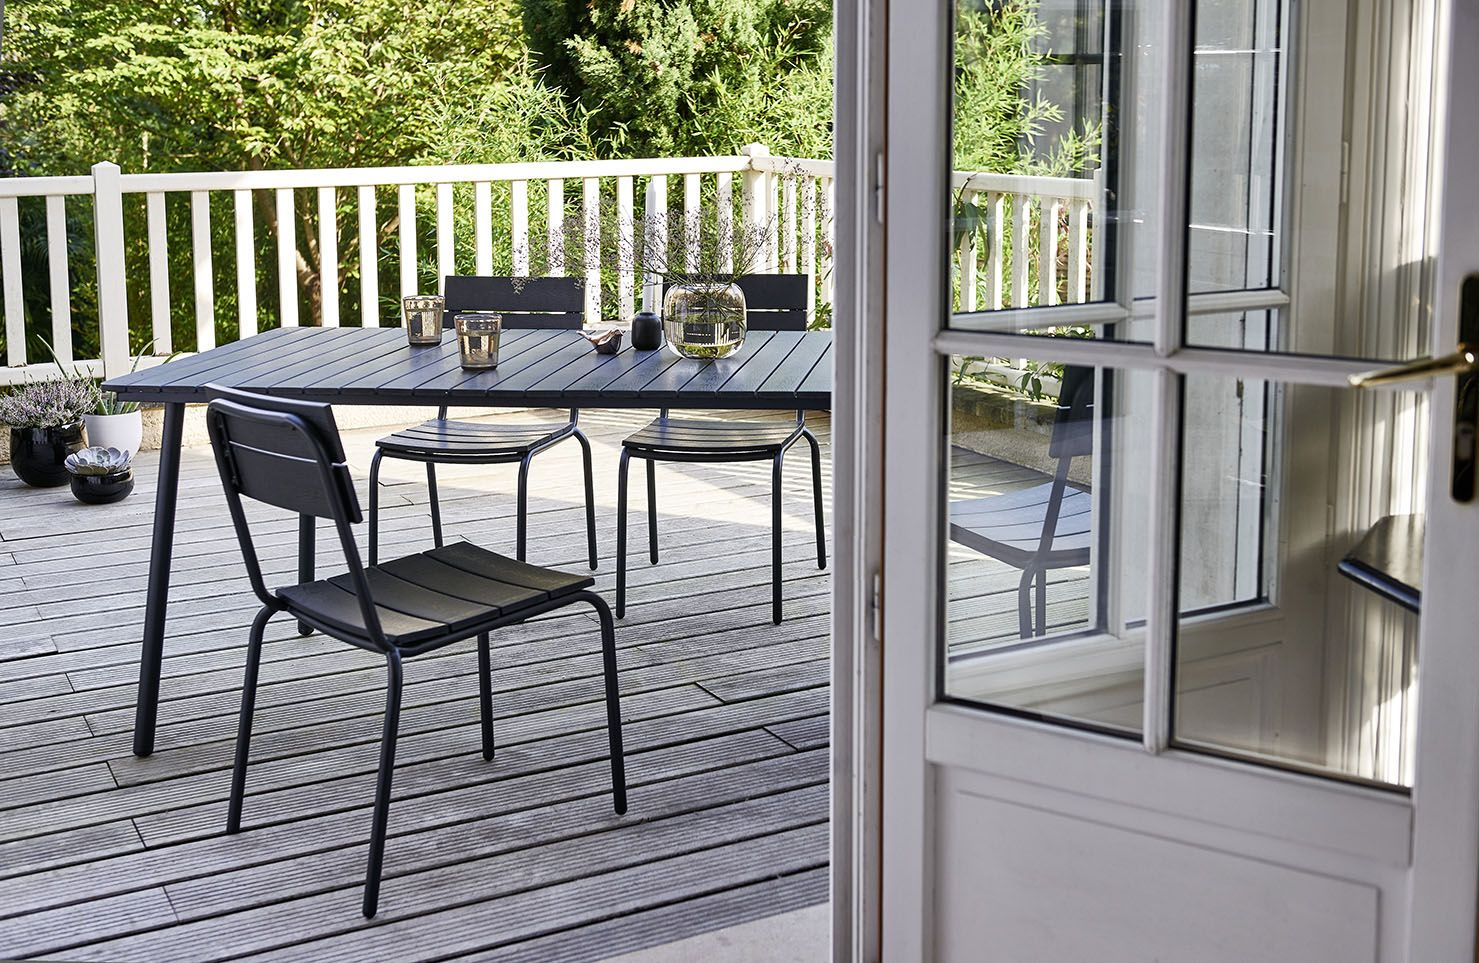 Le Salon De Jardin S Invite Sur Votre Terrasse Decouvrez Notre Collection Jardin Dans Votre Magasin Bricomarche Ou S Jardins Entretien Jardin Mobilier Jardin